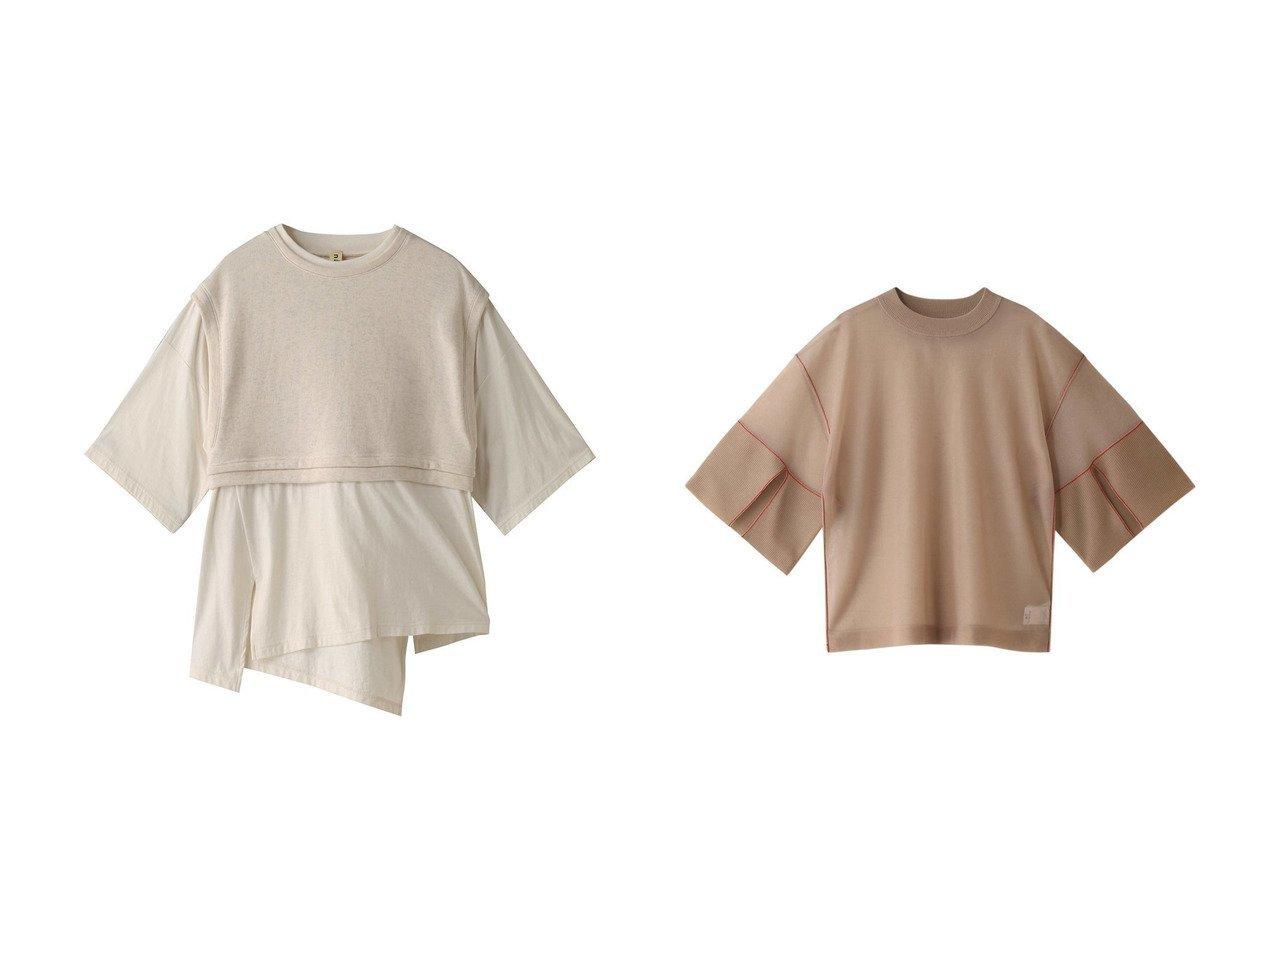 【nagonstans/ナゴンスタンス】のソフト天竺コンビTシャツ&【CLANE/クラネ】のSEE-ニットトップス 【トップス・カットソー】おすすめ!人気、トレンド・レディースファッションの通販  おすすめで人気の流行・トレンド、ファッションの通販商品 メンズファッション・キッズファッション・インテリア・家具・レディースファッション・服の通販 founy(ファニー) https://founy.com/ ファッション Fashion レディースファッション WOMEN トップス・カットソー Tops/Tshirt シャツ/ブラウス Shirts/Blouses ロング / Tシャツ T-Shirts カットソー Cut and Sewn ニット Knit Tops プルオーバー Pullover カットソー コンビ ショート シンプル スリーブ バランス ベスト インナー キャミ スリット トレンド 人気 今季 春 Spring |ID:crp329100000034089